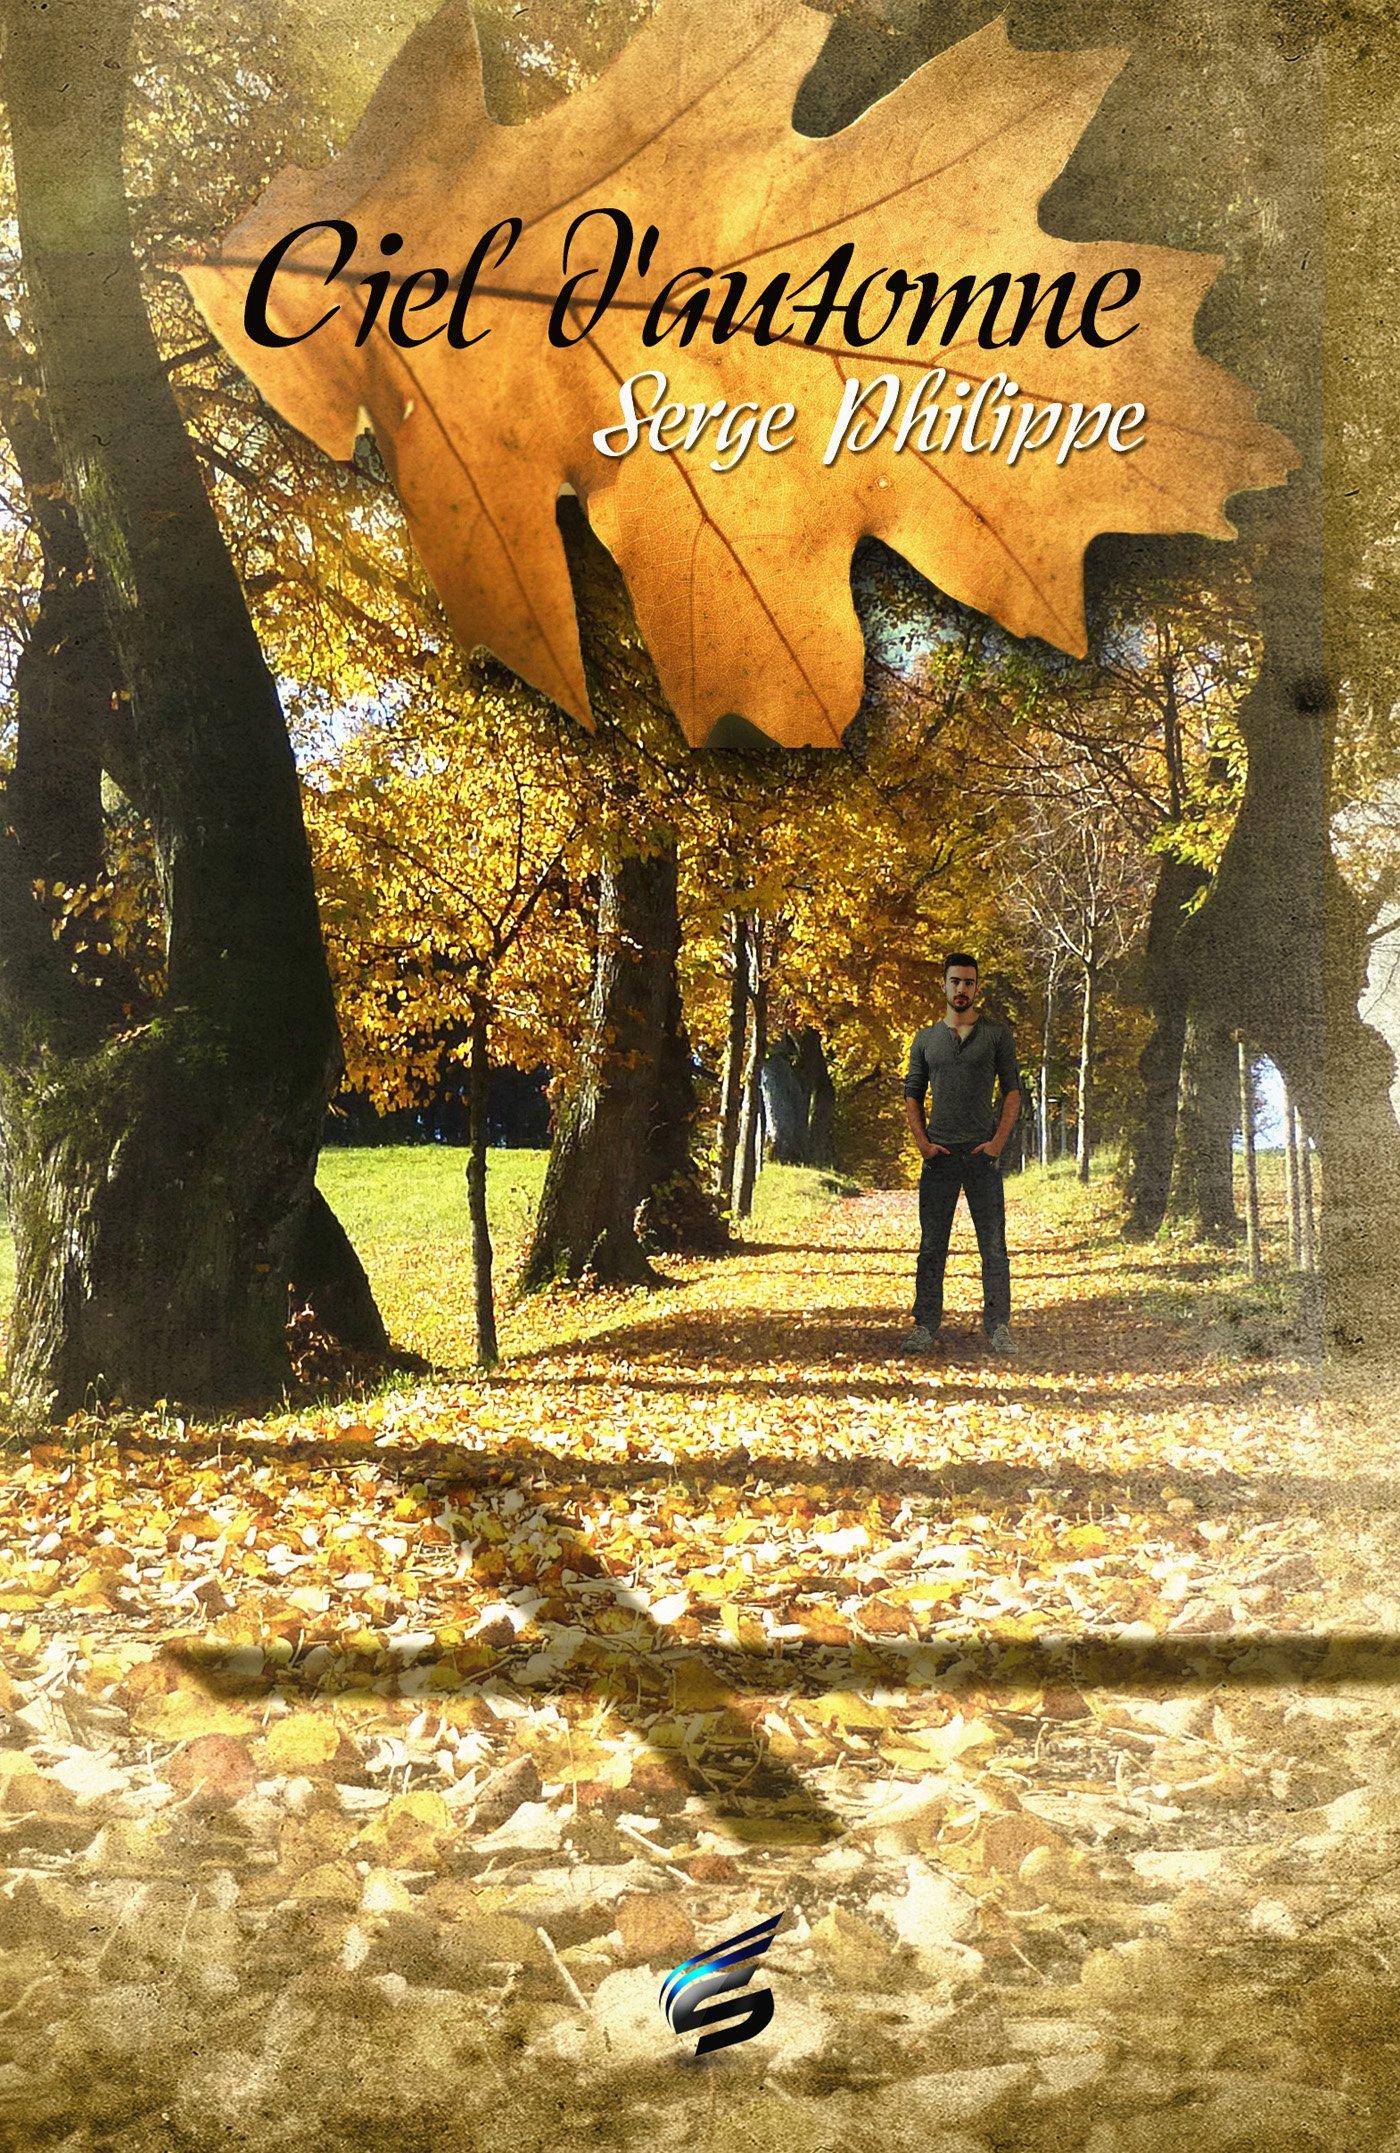 Ciel d'automne Broché – 23 mars 2016 Serge Philippe Ciel d'automne Sidh Press 2373870428